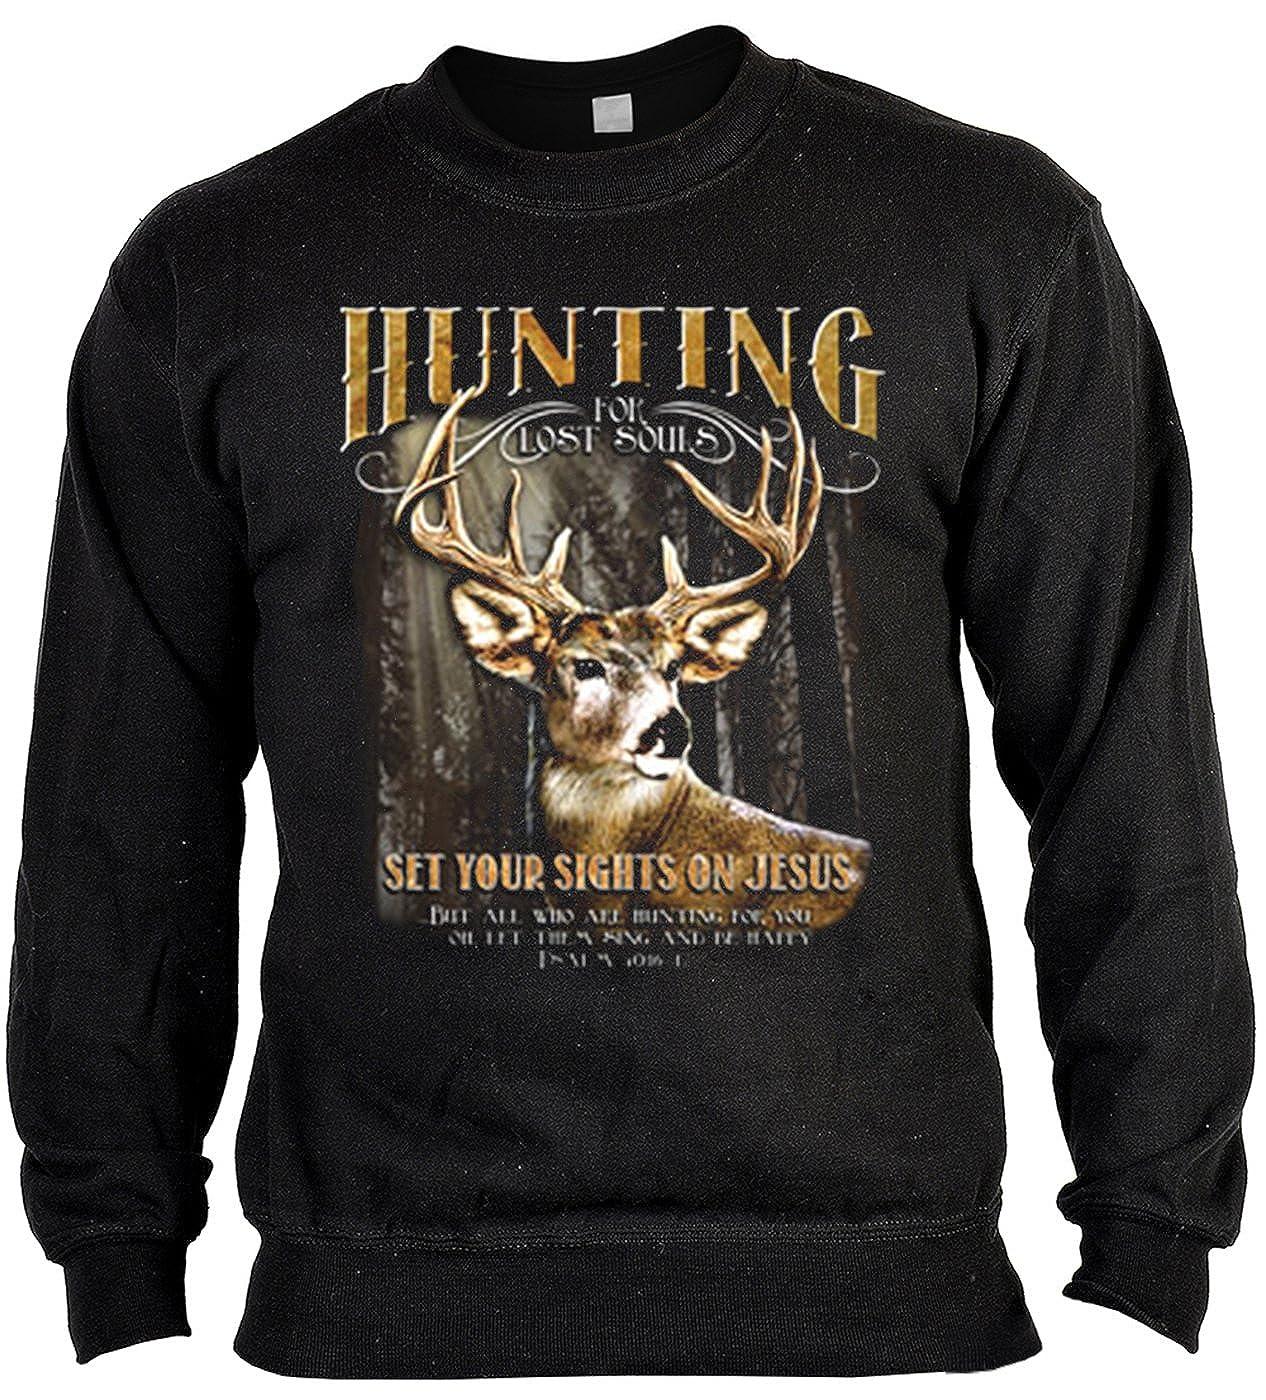 Jagd Pullover für Jäger Sweater Hunting for lost souls Artikel für ...